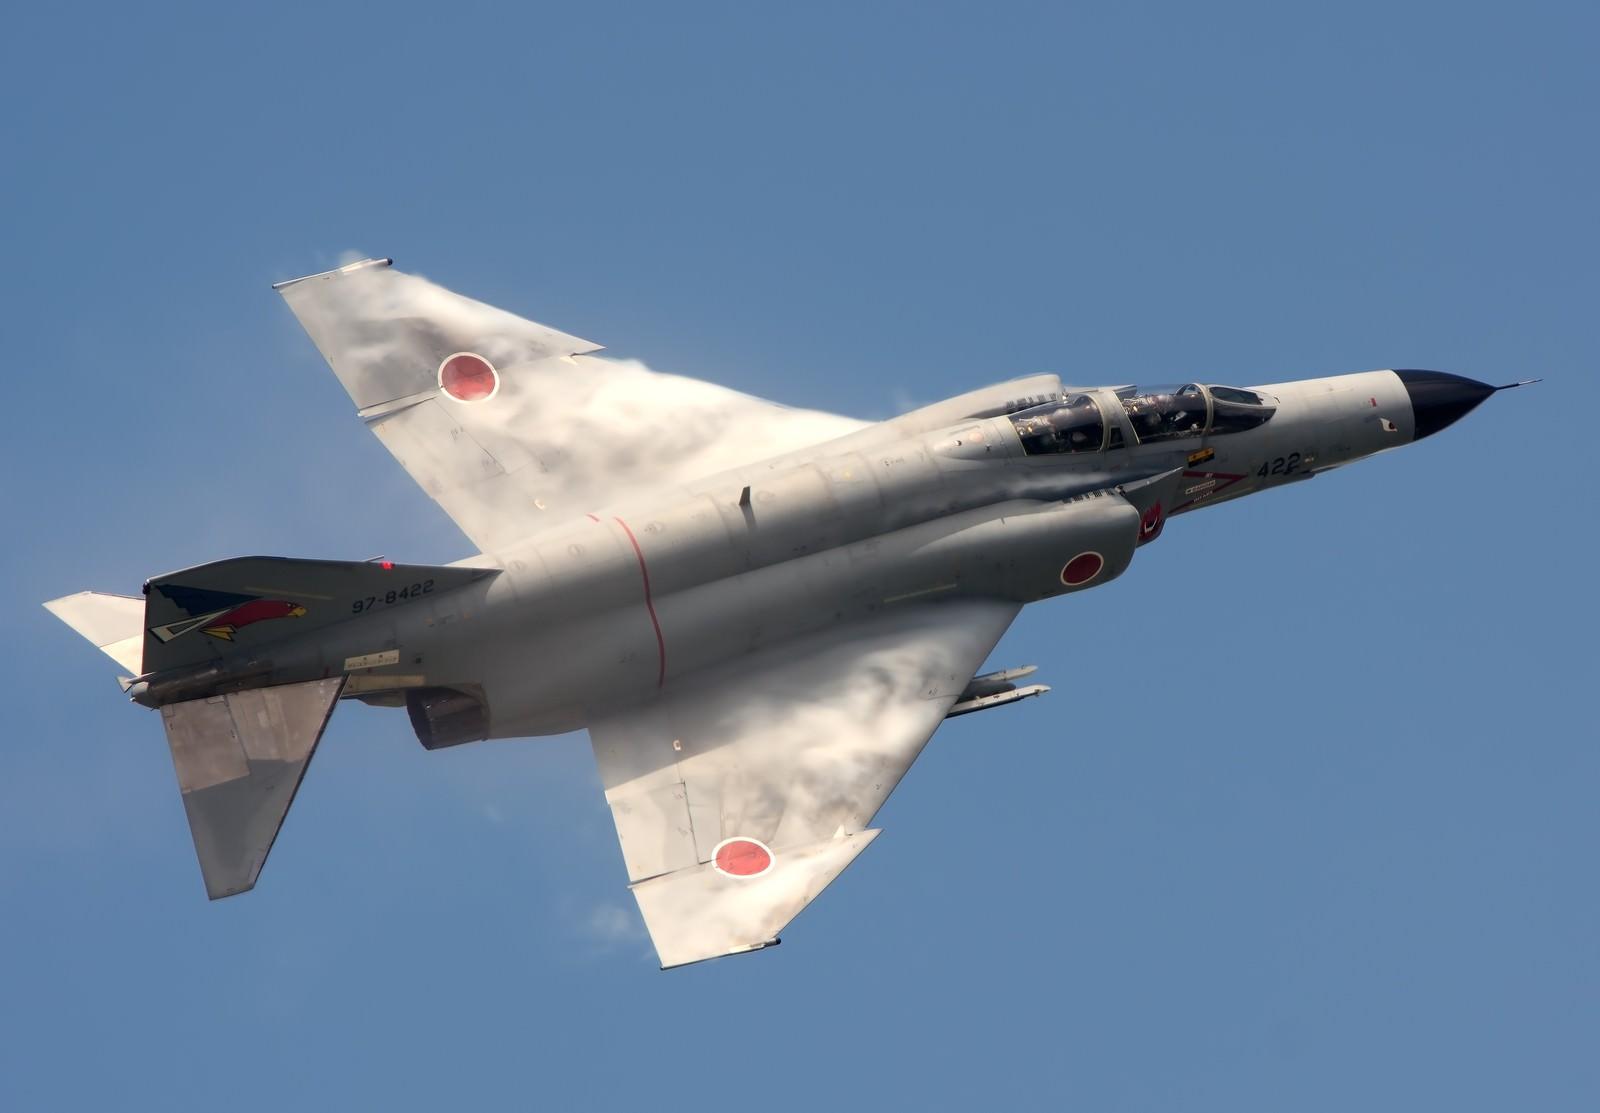 「百里基地302飛行隊F-4」の写真